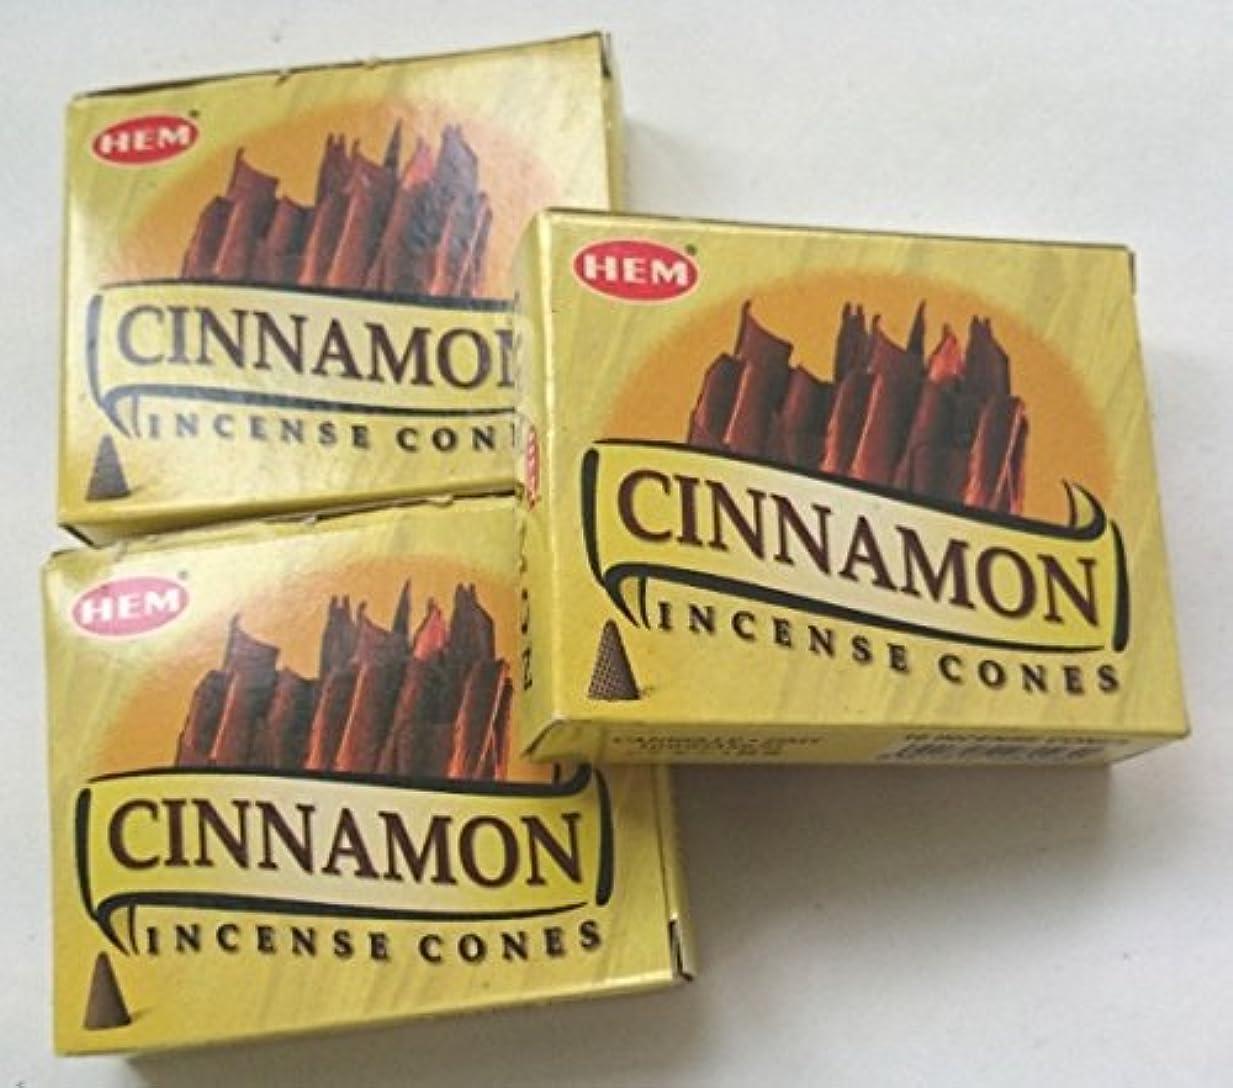 気取らないほんのソースHEM(ヘム)お香 シナモン コーン 3個セット